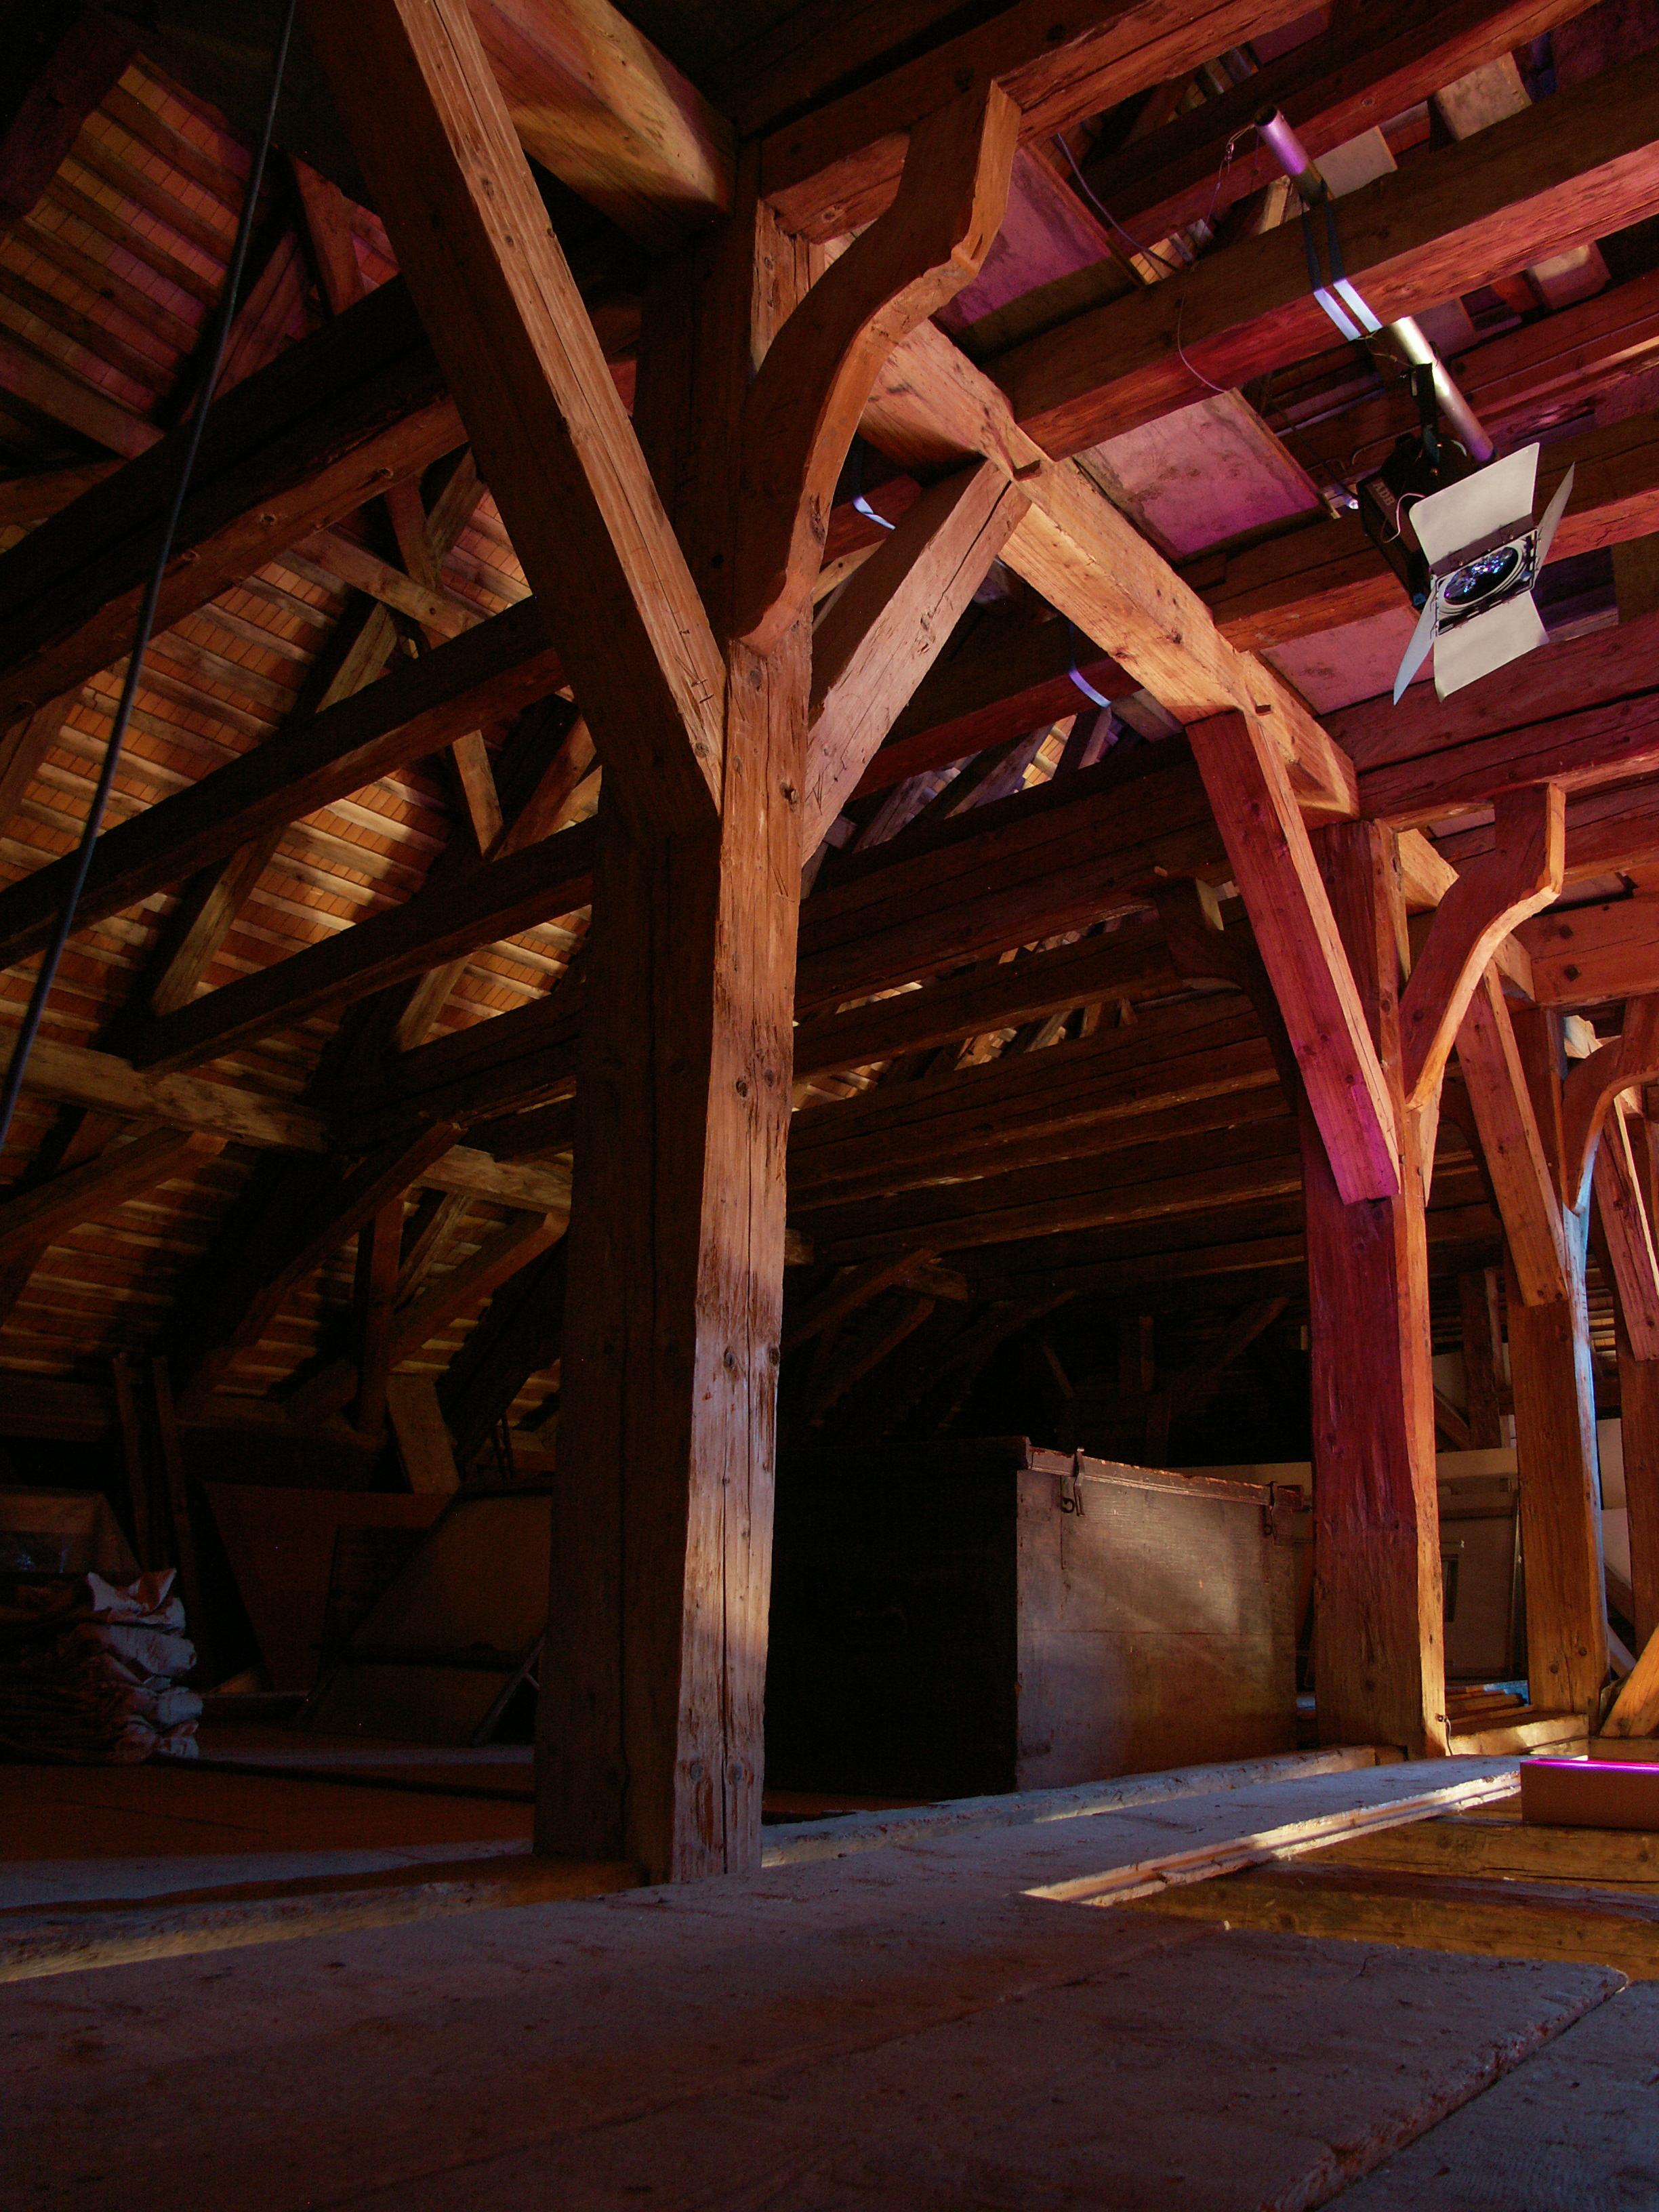 Fabelhaft Dachboden Galerie Von File:schloss Werdenberg Dach.jpg